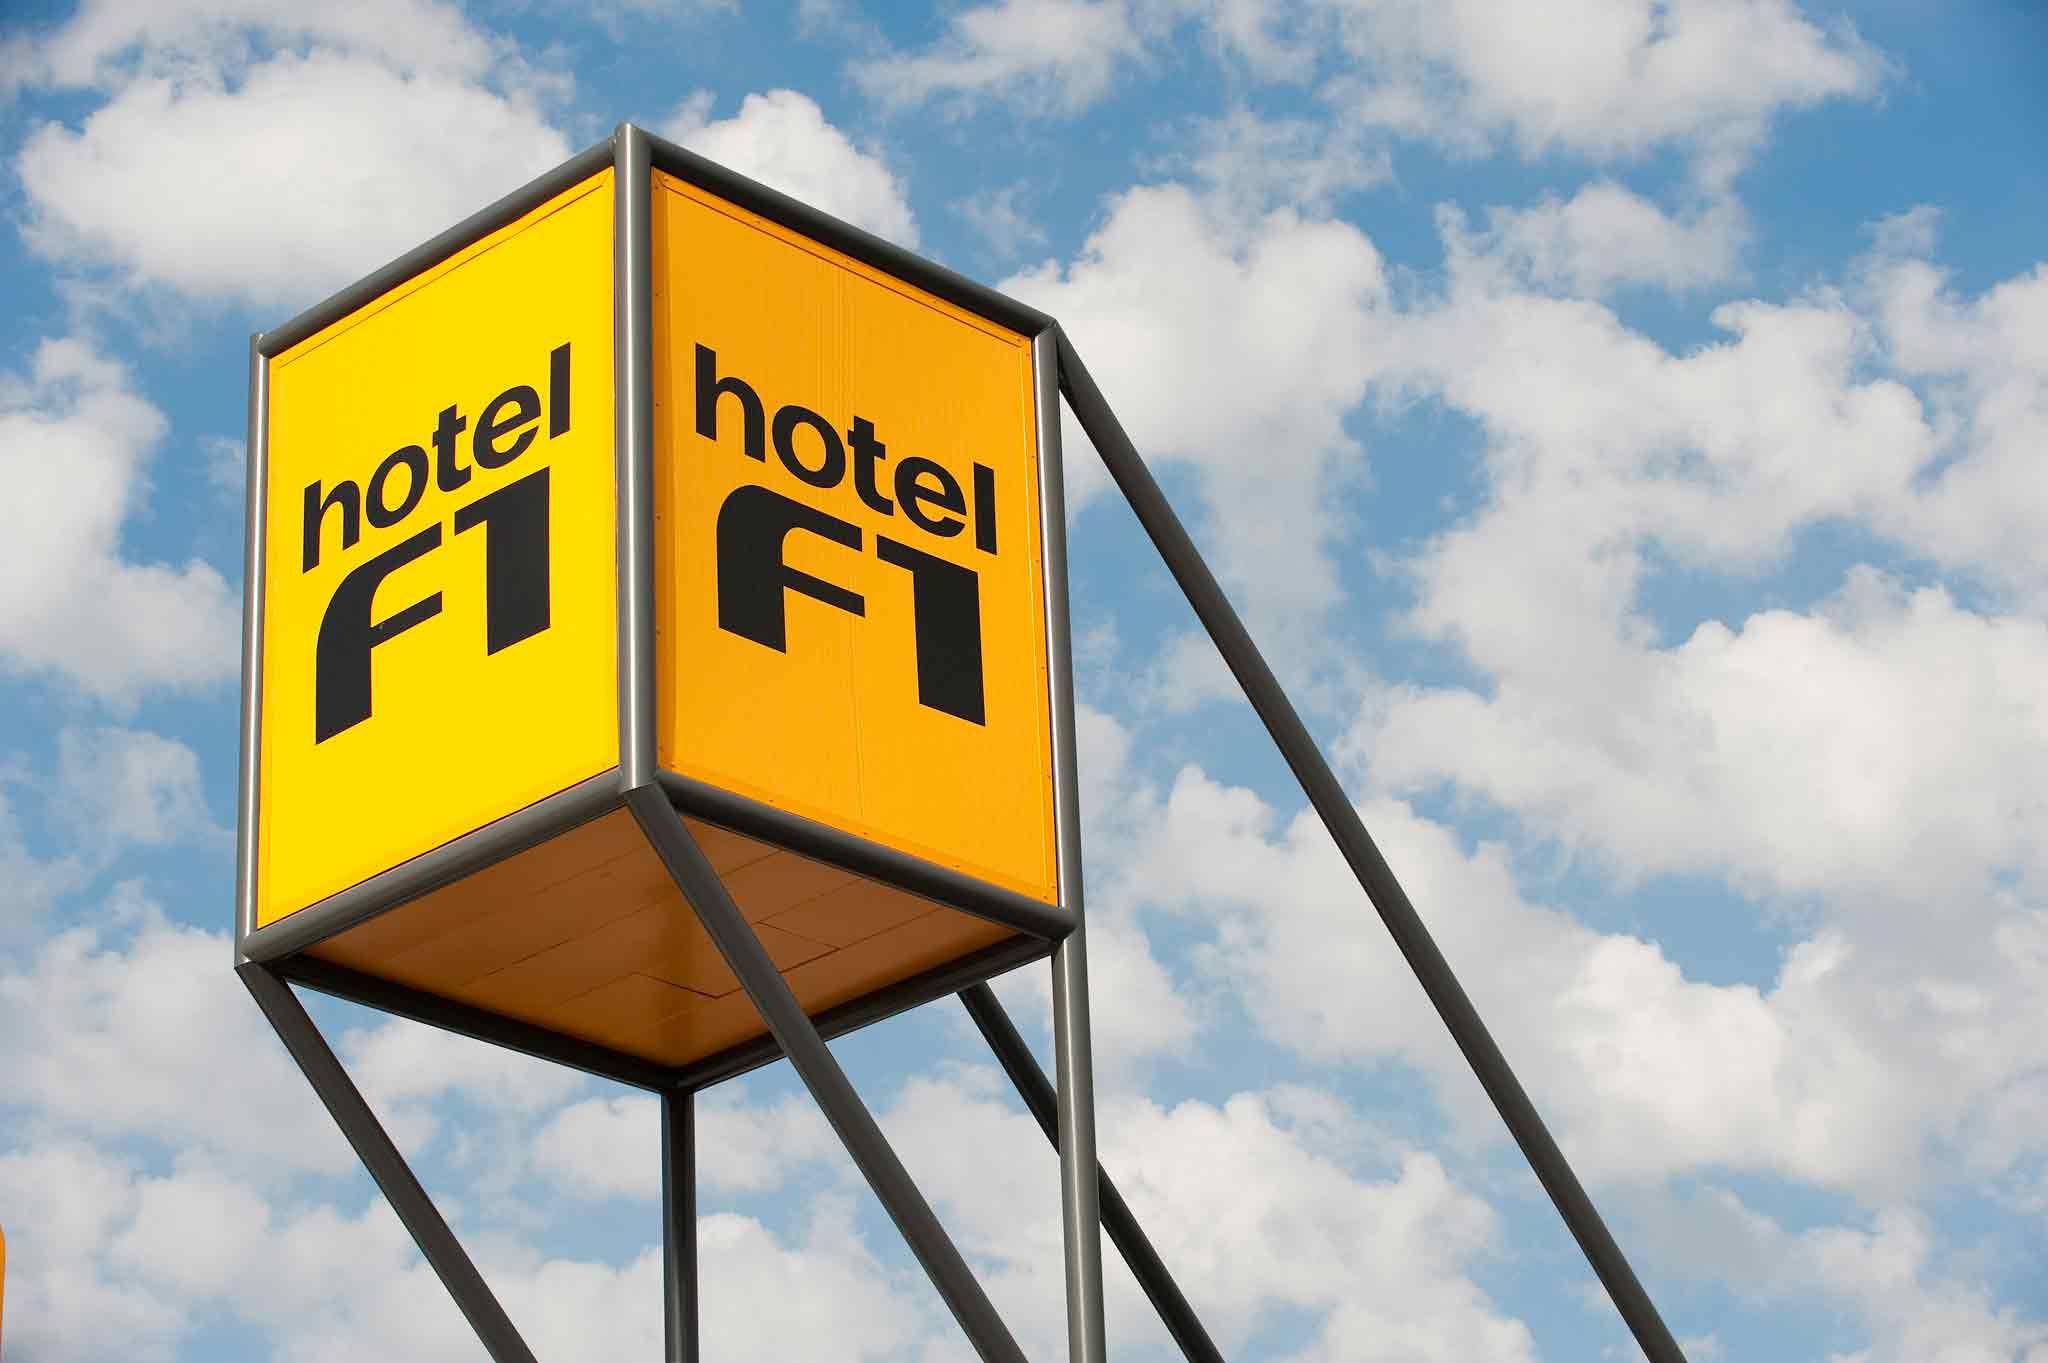 Hotel - hotelF1 Villeparisis